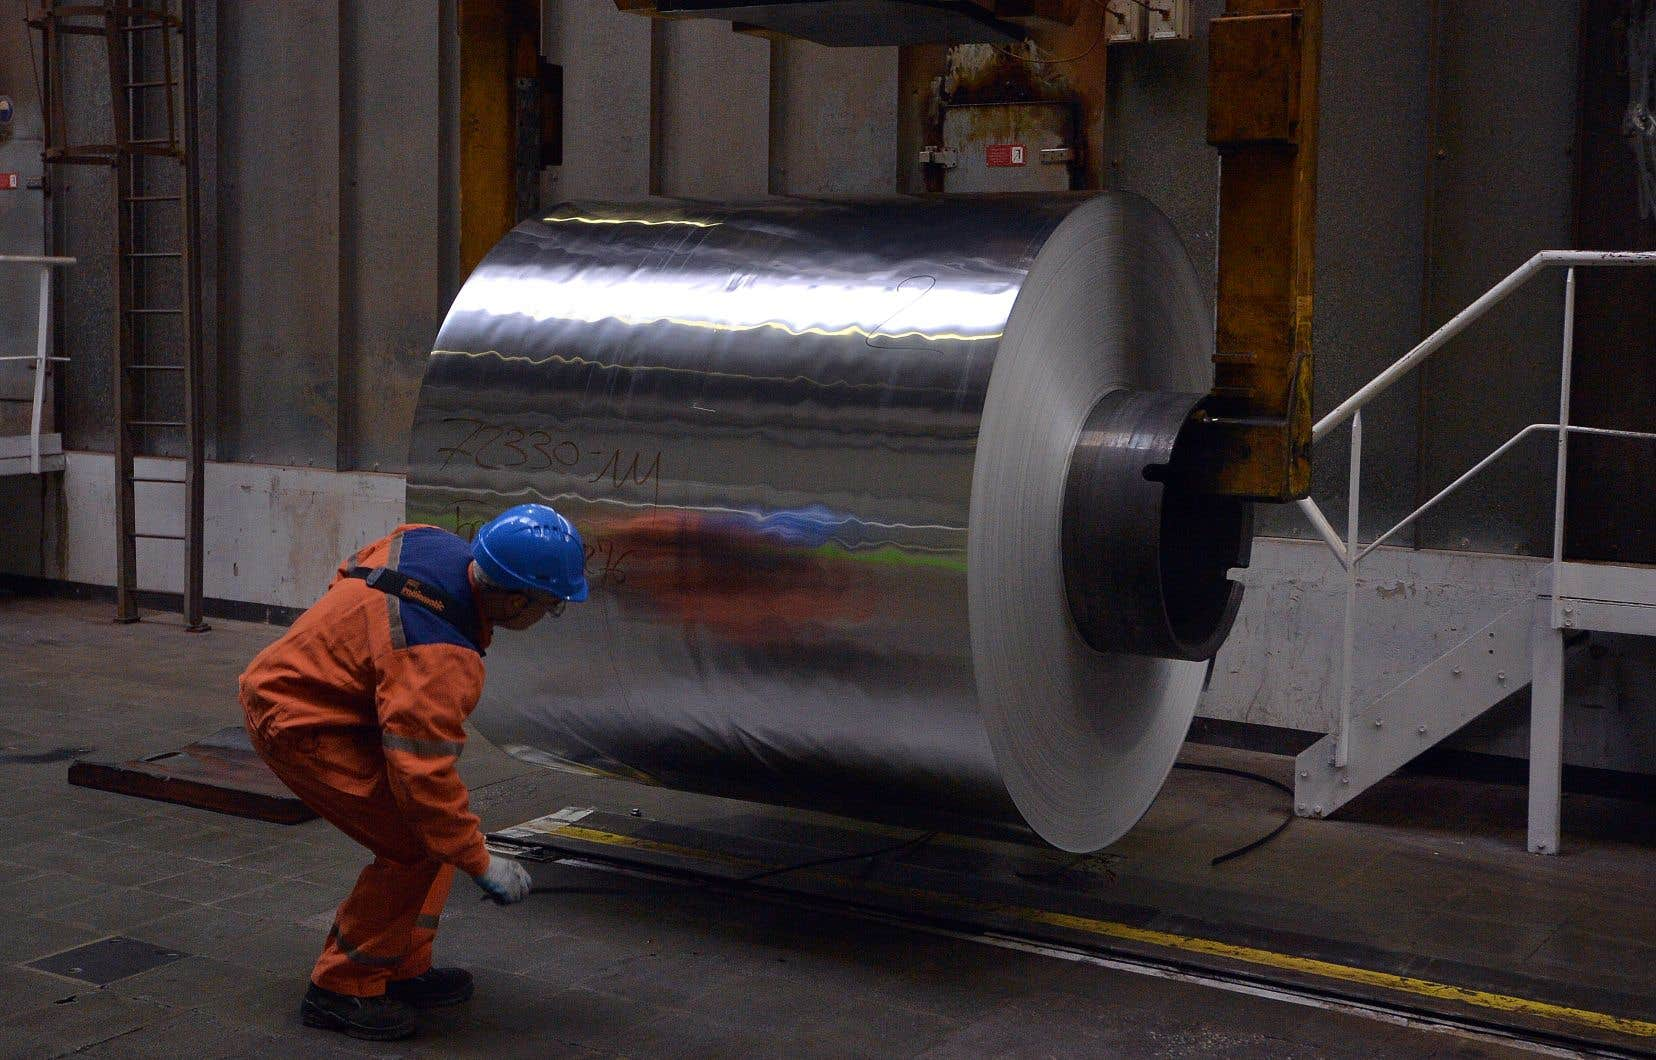 Le prix de la tonne d'aluminium se négocie aux alentours de 1700$ US, soit à un niveau plus bas qu'au milieu de la dernière crise financière.